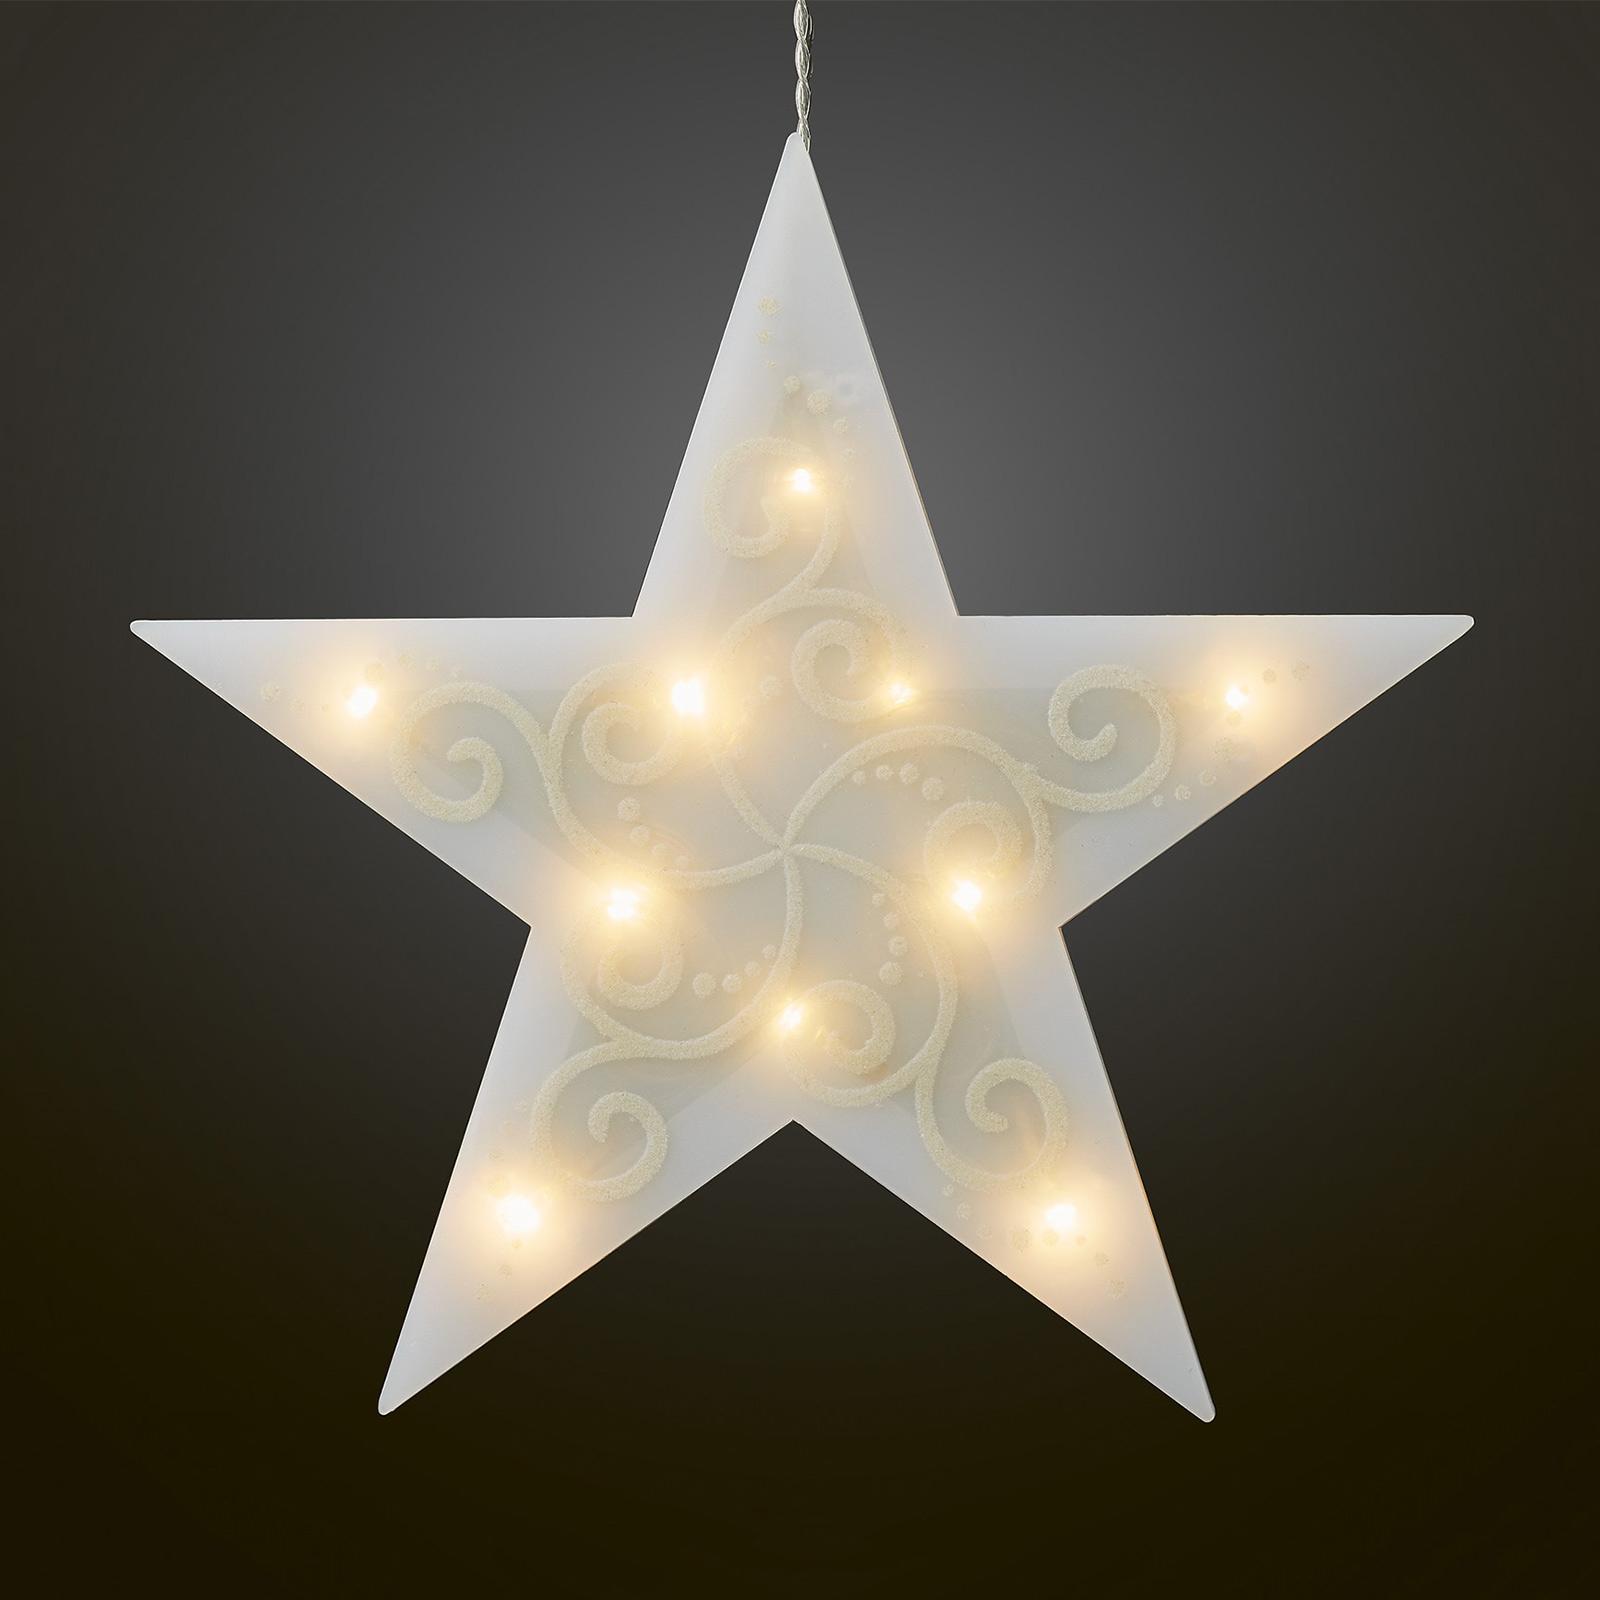 LED-dekostjerner, 5 spidser, hvid lyskæde